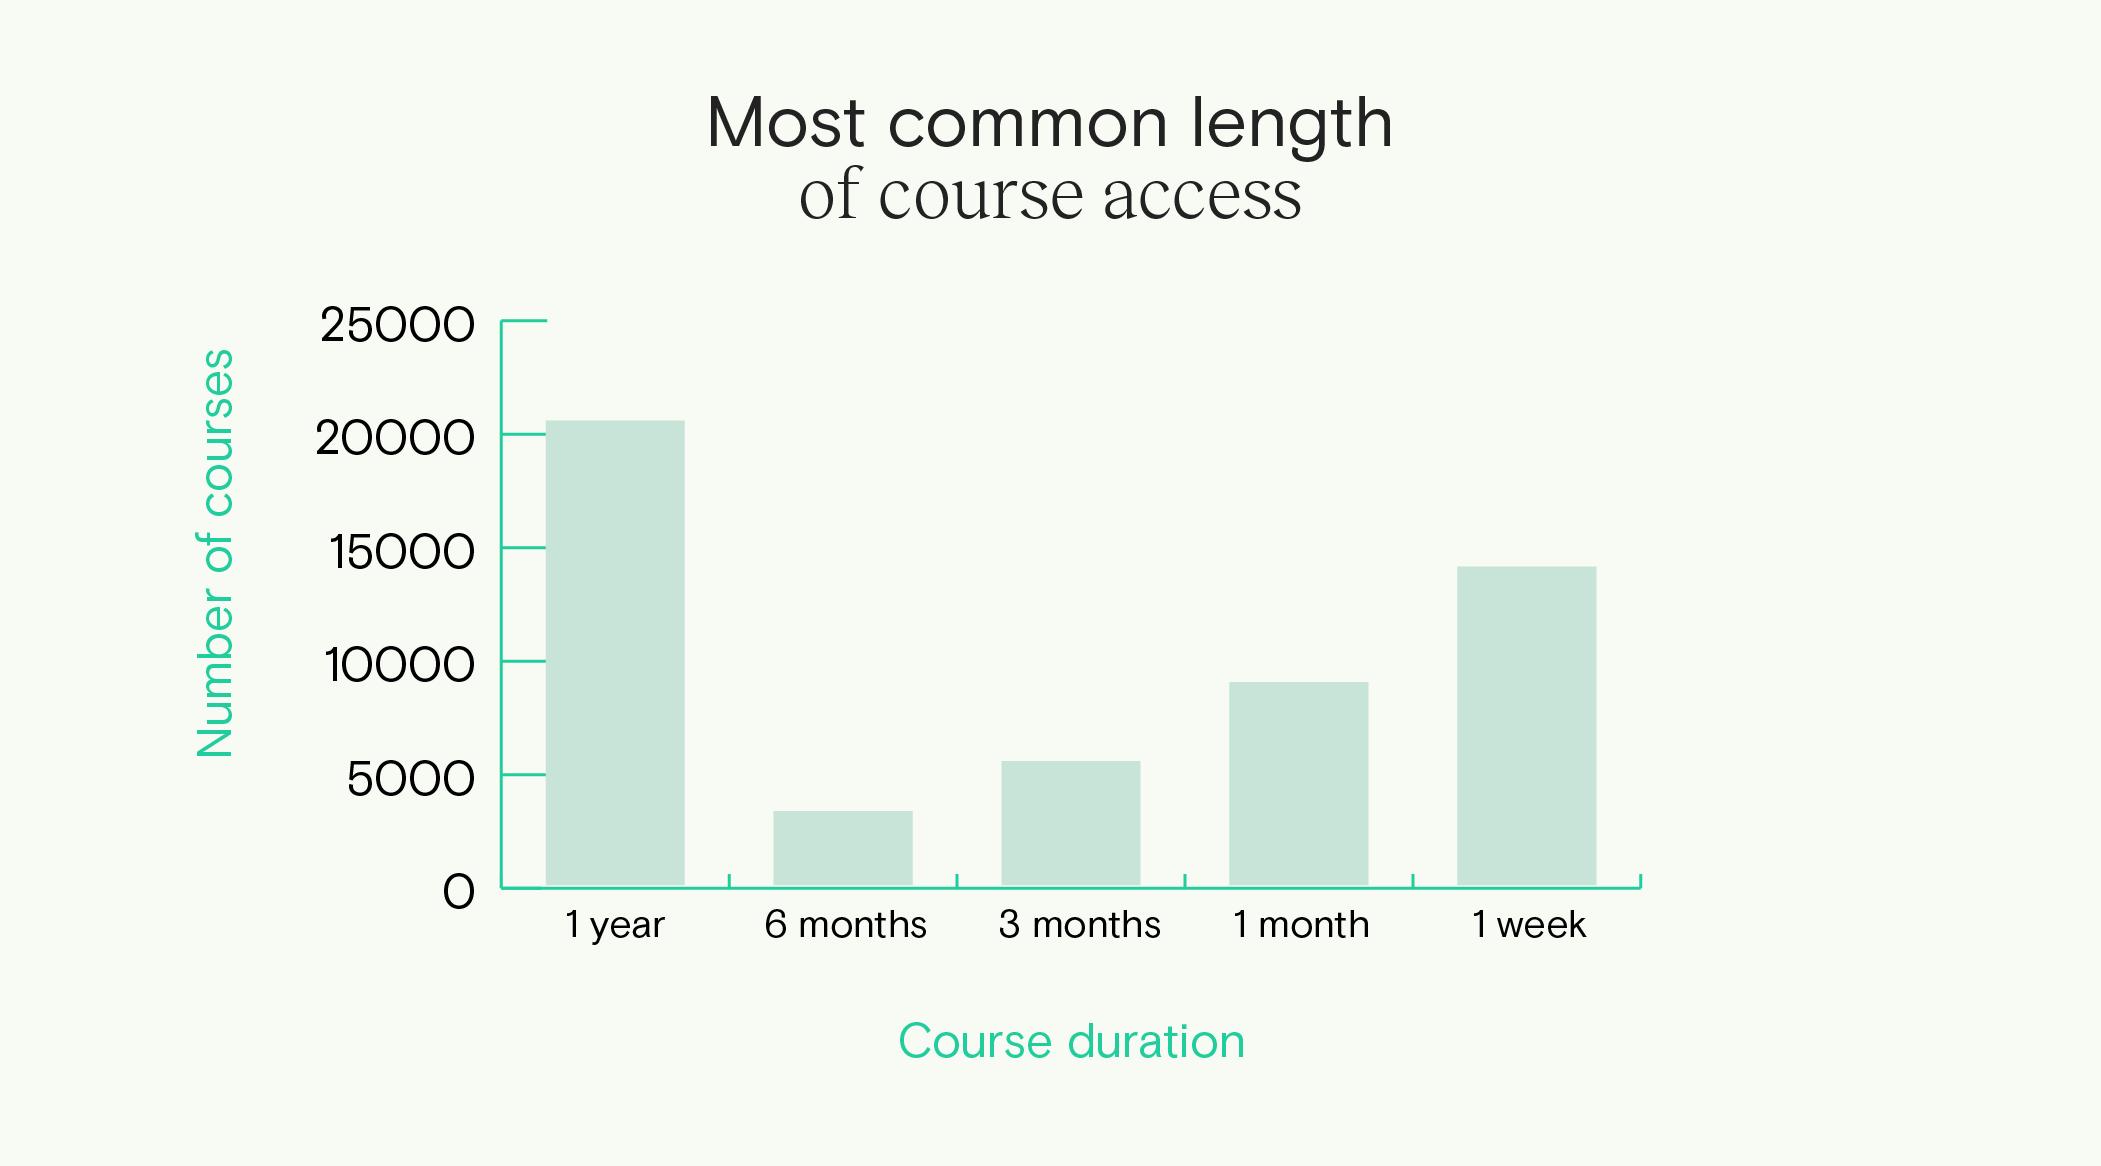 Teachable insights: course duration length